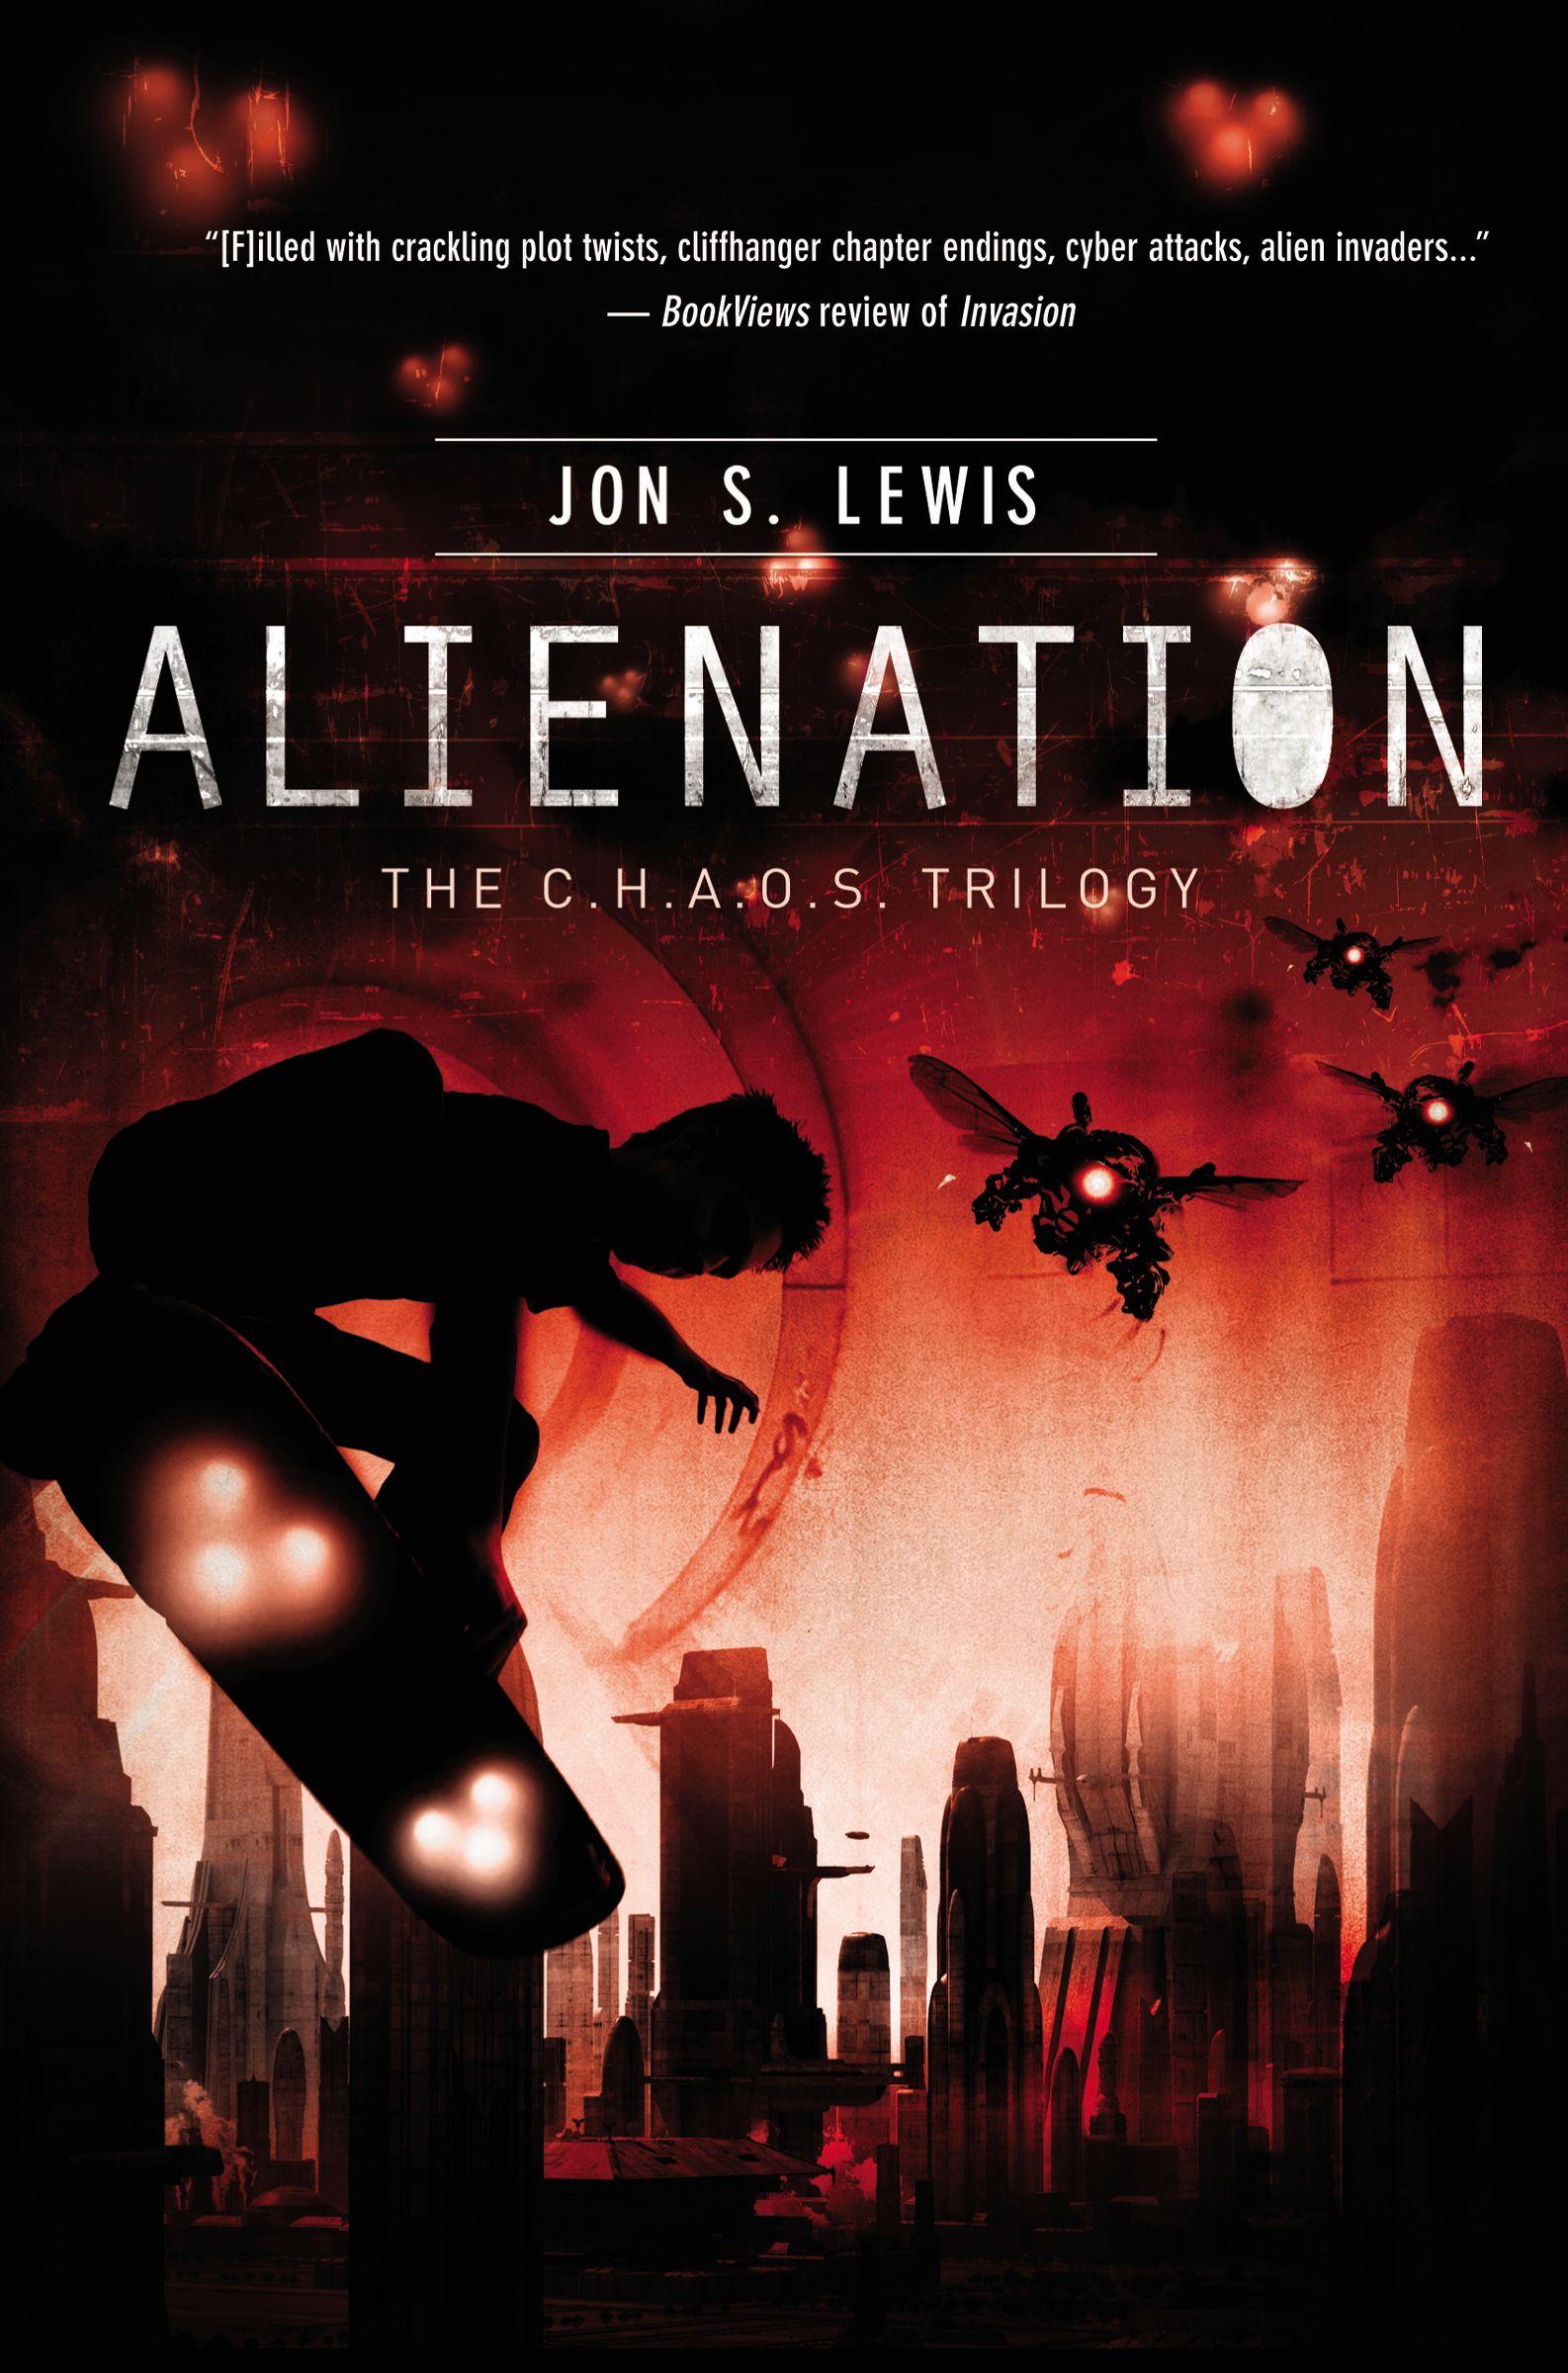 Alienation